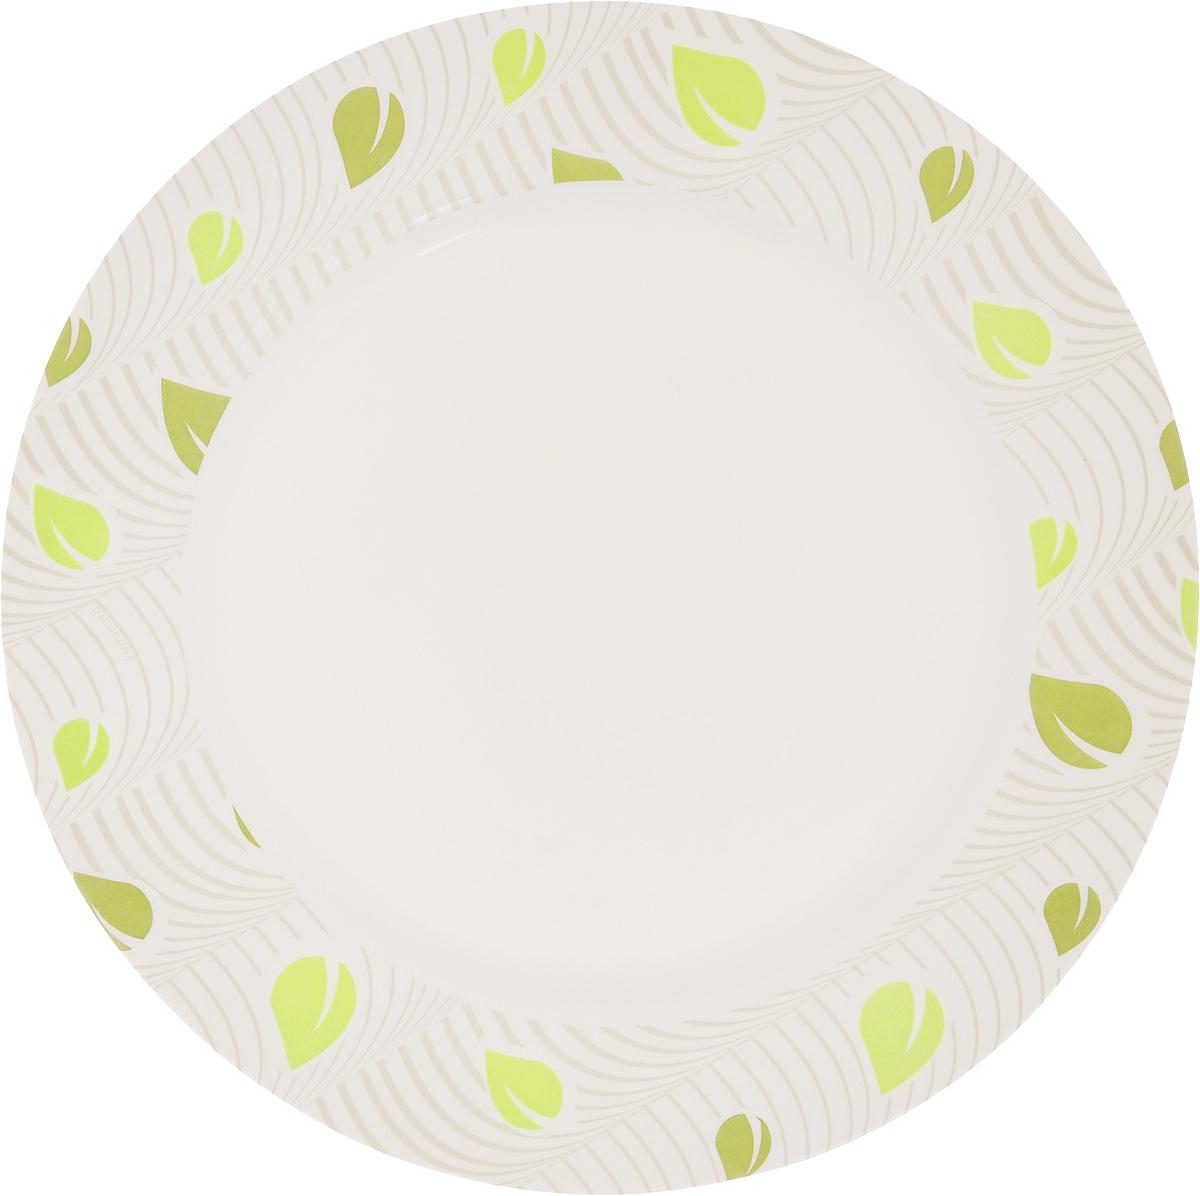 Тарелка Luminarc Amely, диаметр 26,5 см115510Элегантная тарелка Luminarc Amely, изготовленная из ударопрочного стекла, имеет изысканный внешний вид. Такая тарелка прекрасно подходит как для торжественных случаев, так и для повседневного использования. Она прекрасно оформит стол и станет отличным дополнением к вашей коллекции кухонной посуды. Диаметр тарелки (по верхнему краю): 26,5 см.